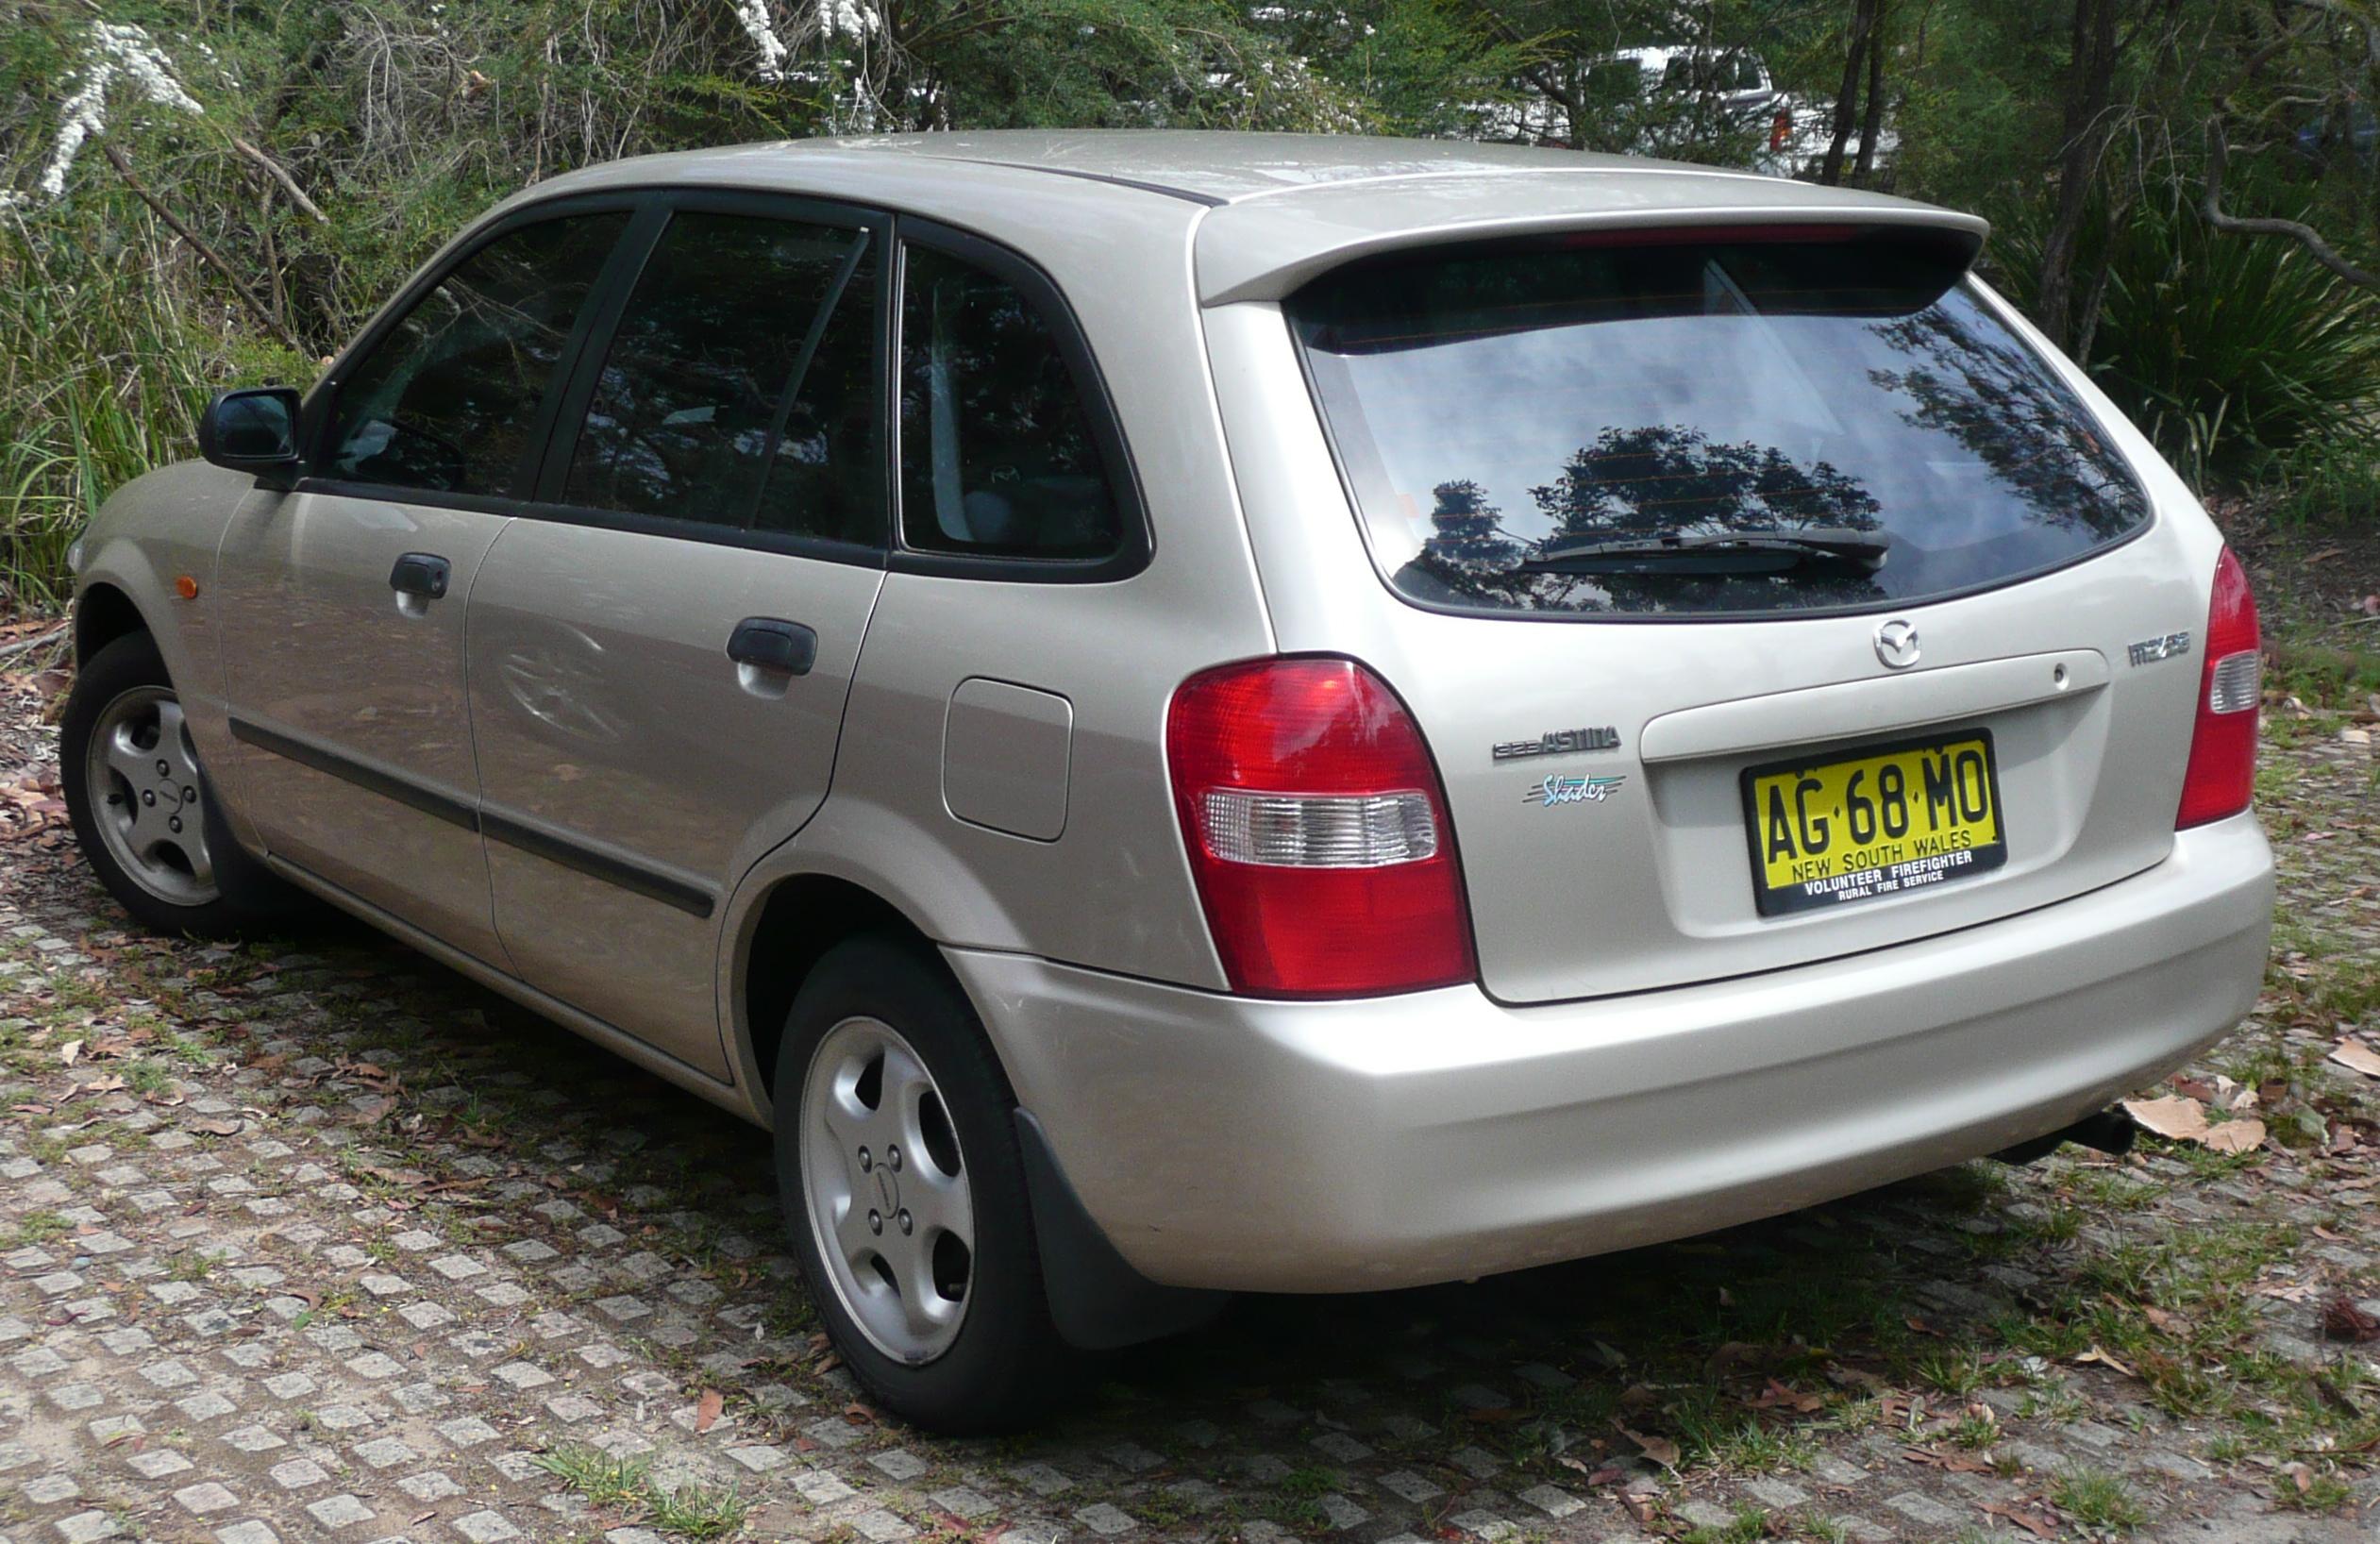 Mazda 323 Vi Bj Restyling 2000 2003 Hatchback 5 Door 2002 Protege Timing Marks 6